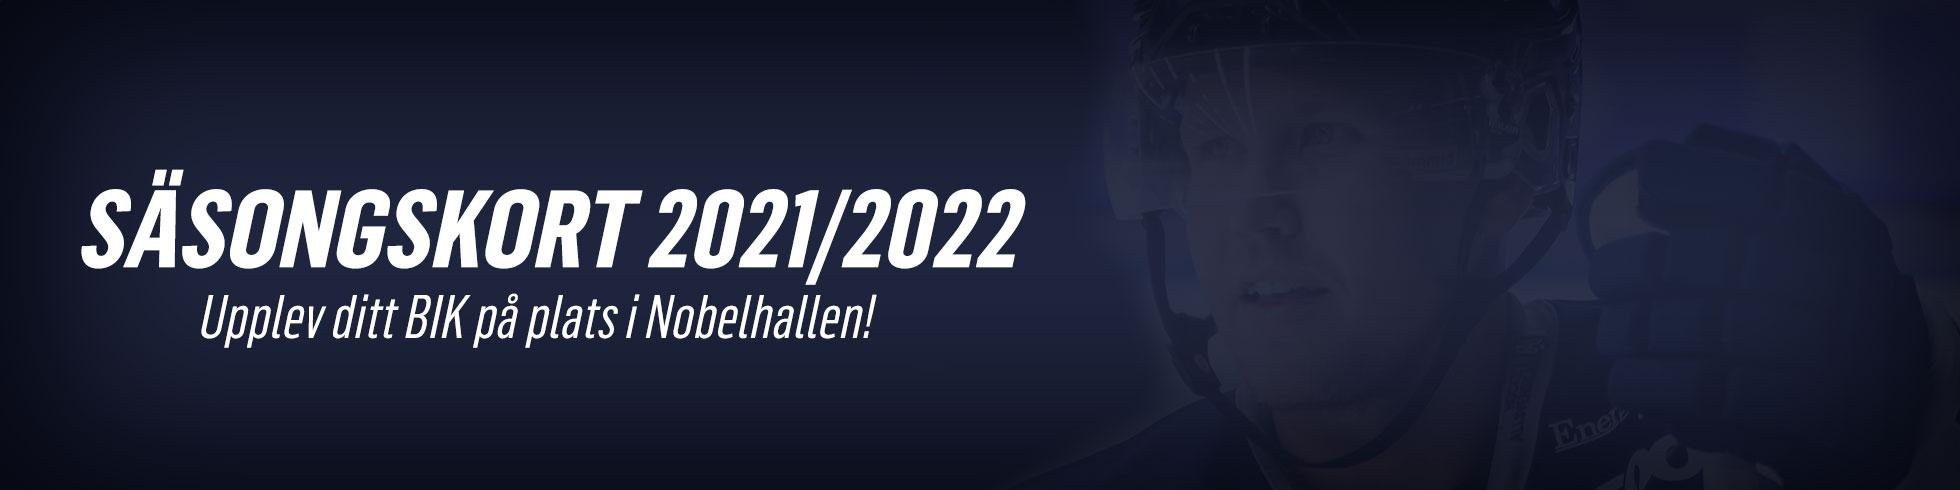 Säsongskort 2021/2022